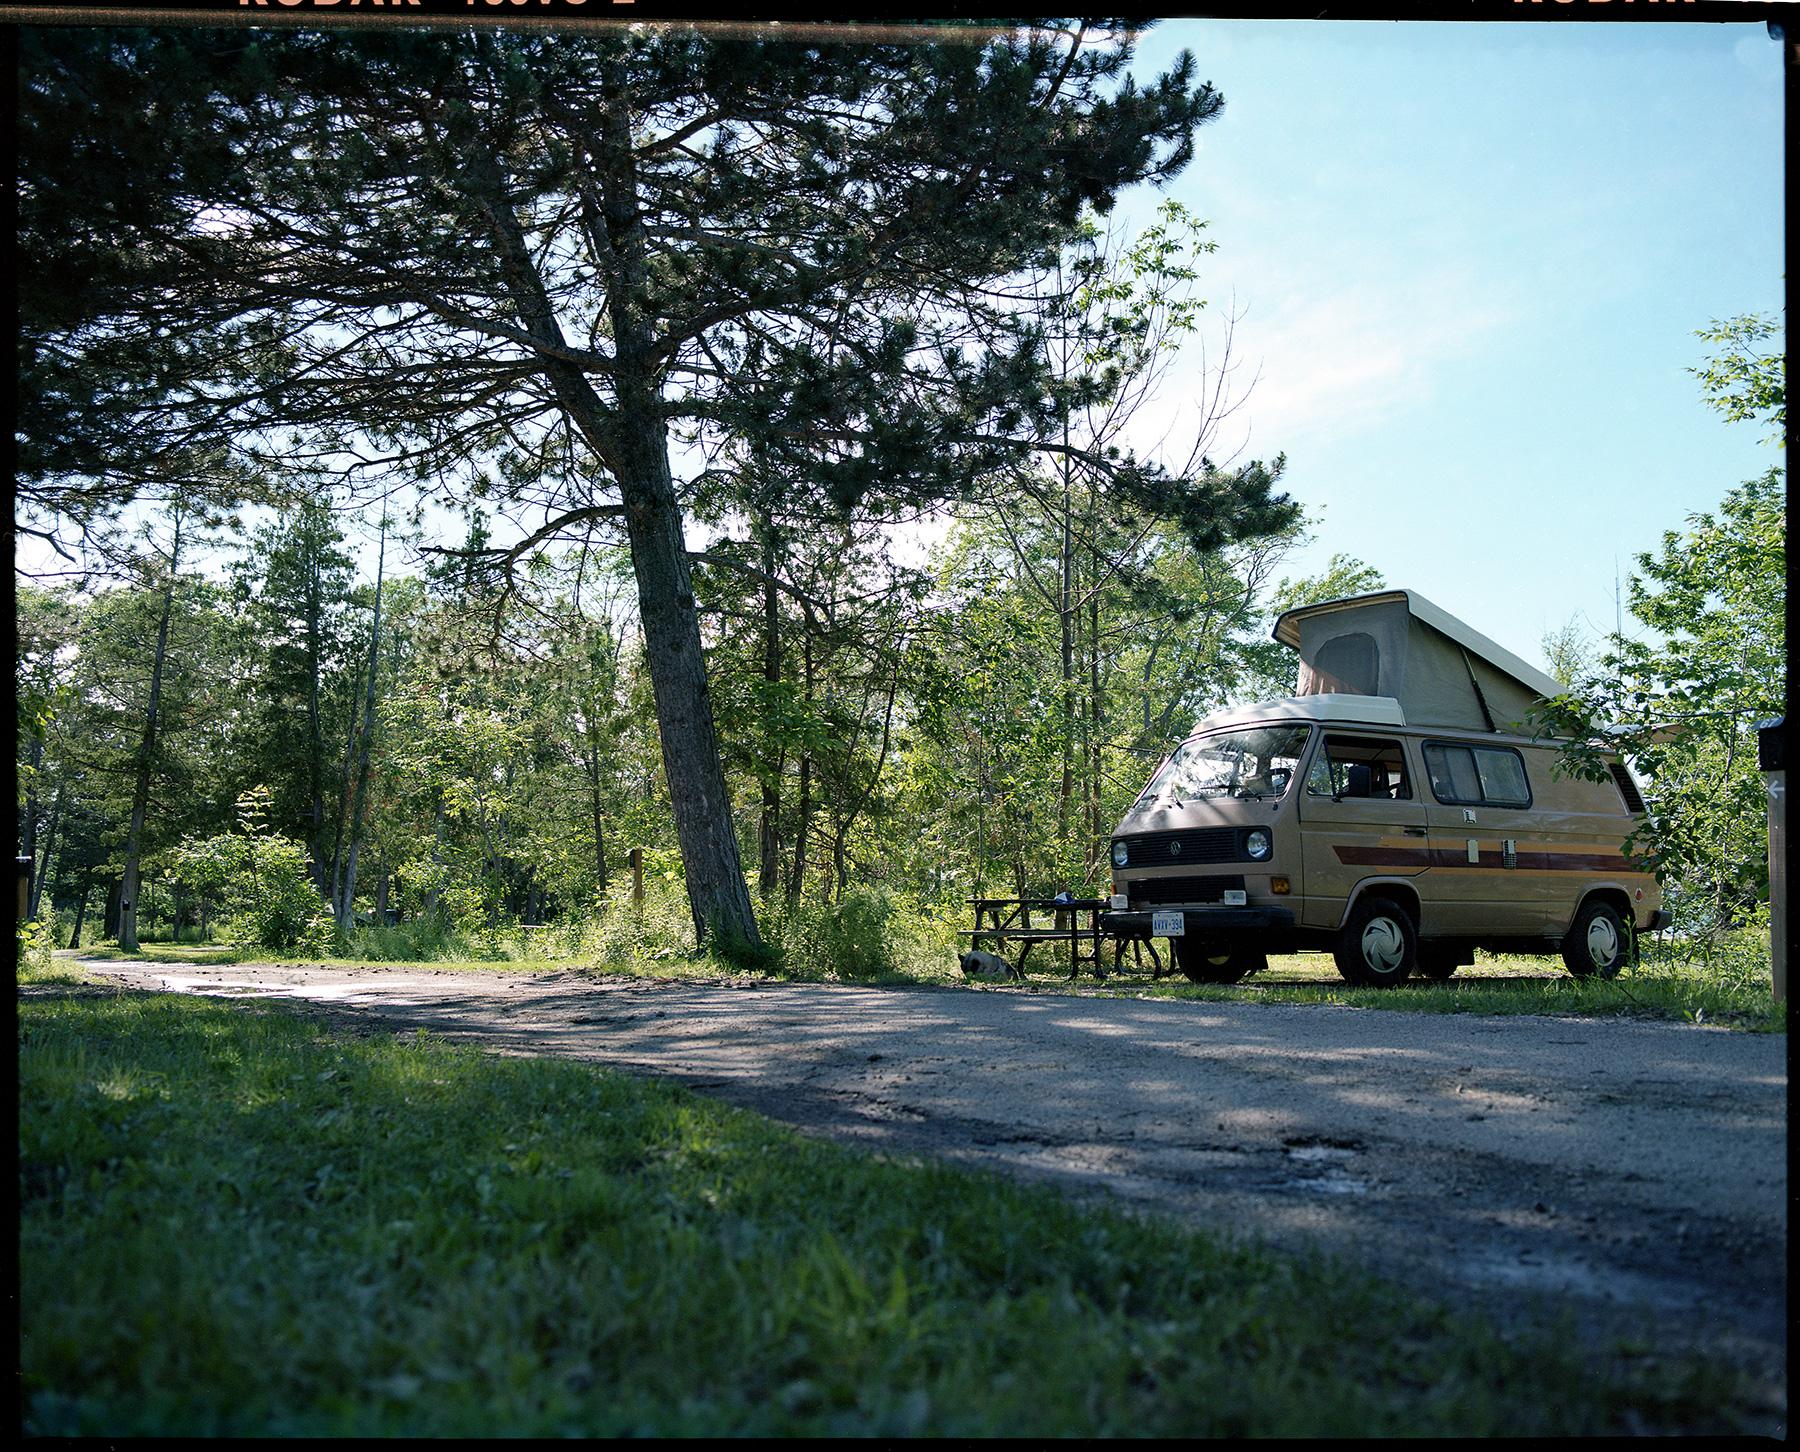 Mamiya RZ67 Kodak Portra 160VC Medium Format film